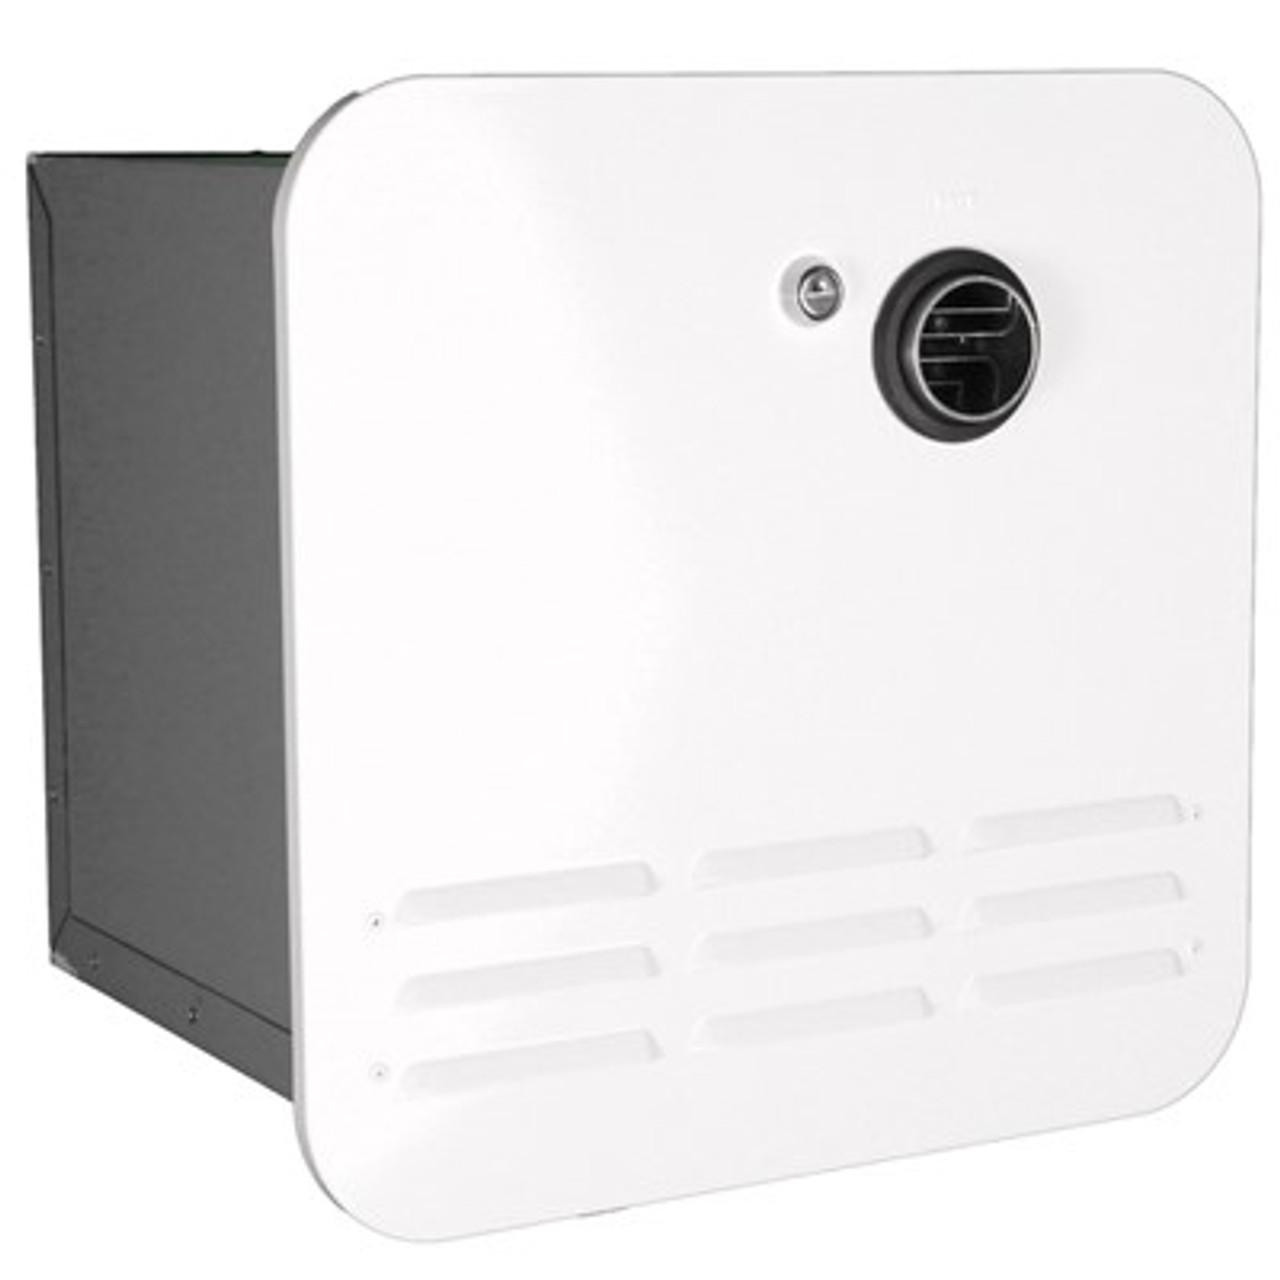 Imass water storage heater